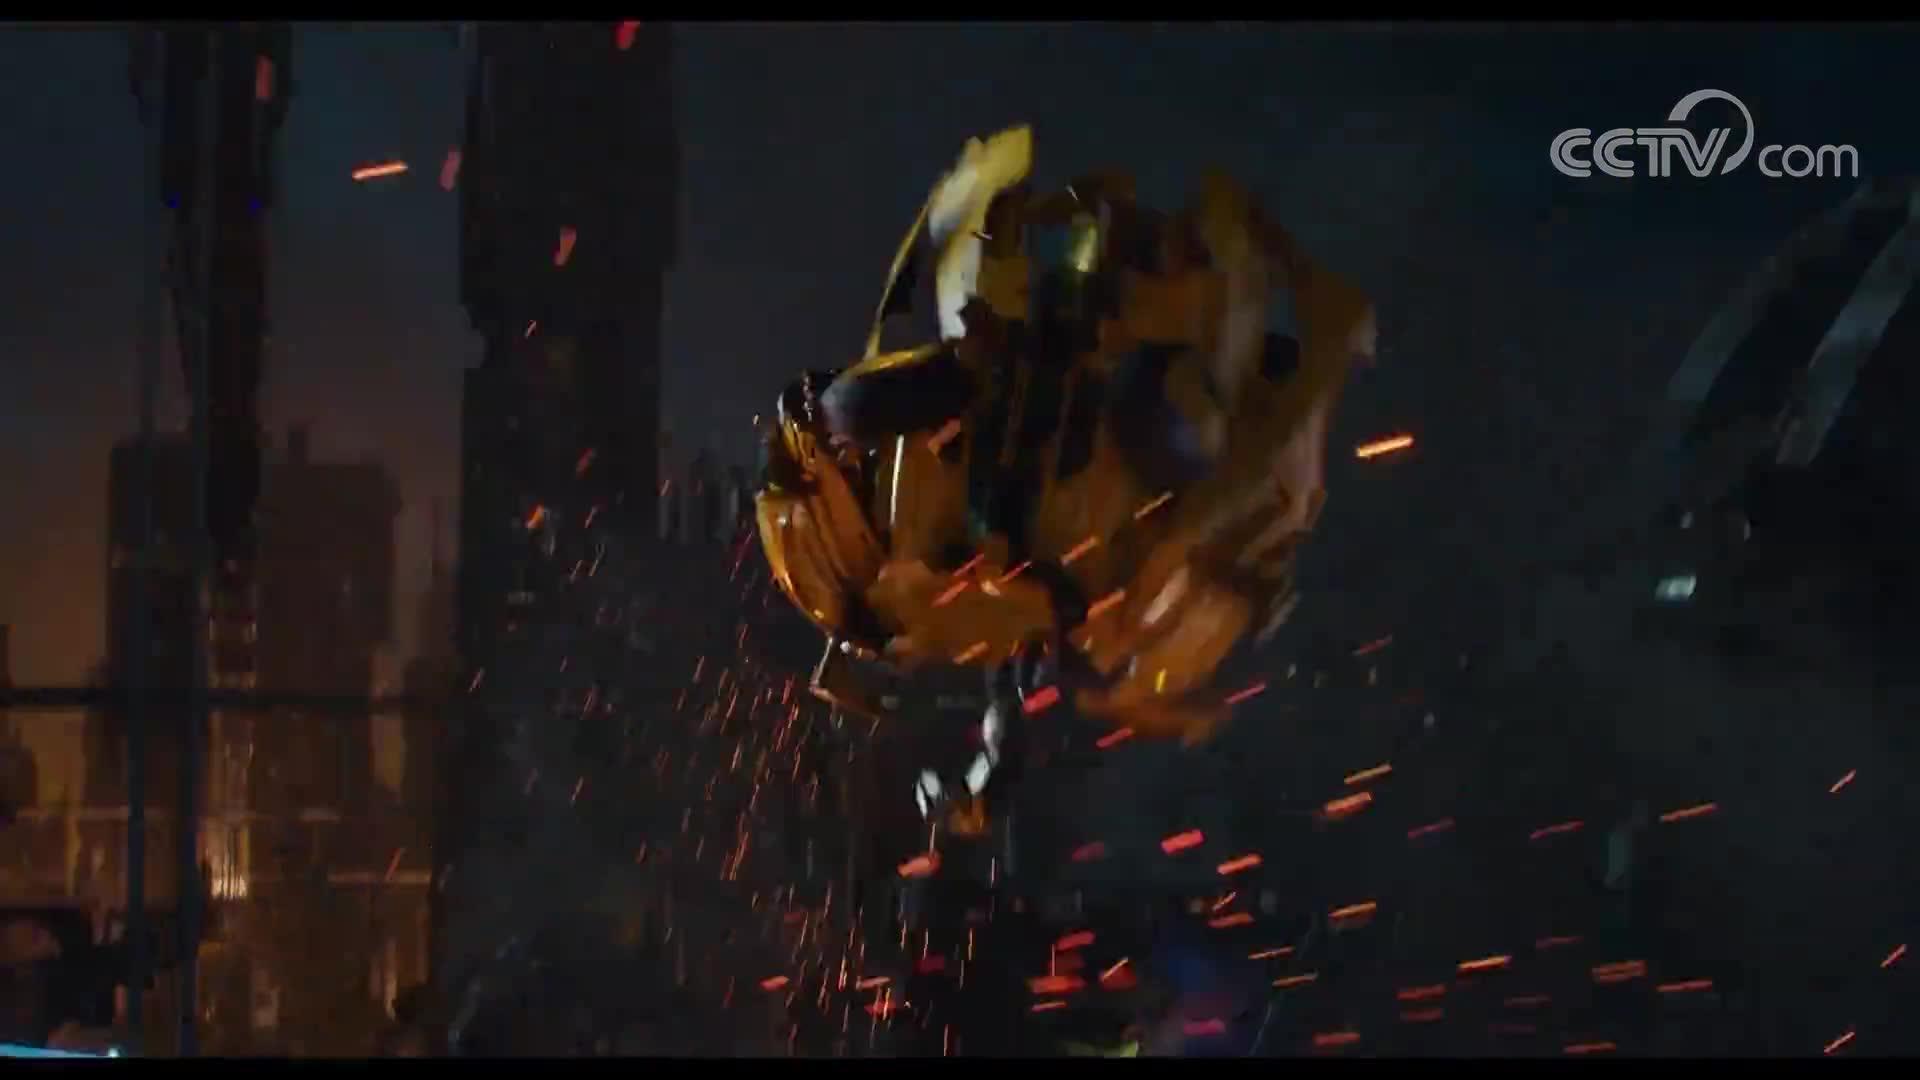 """[视频]《大黄蜂》发布""""火力全开""""预告 逼真特效令观众身临其境"""